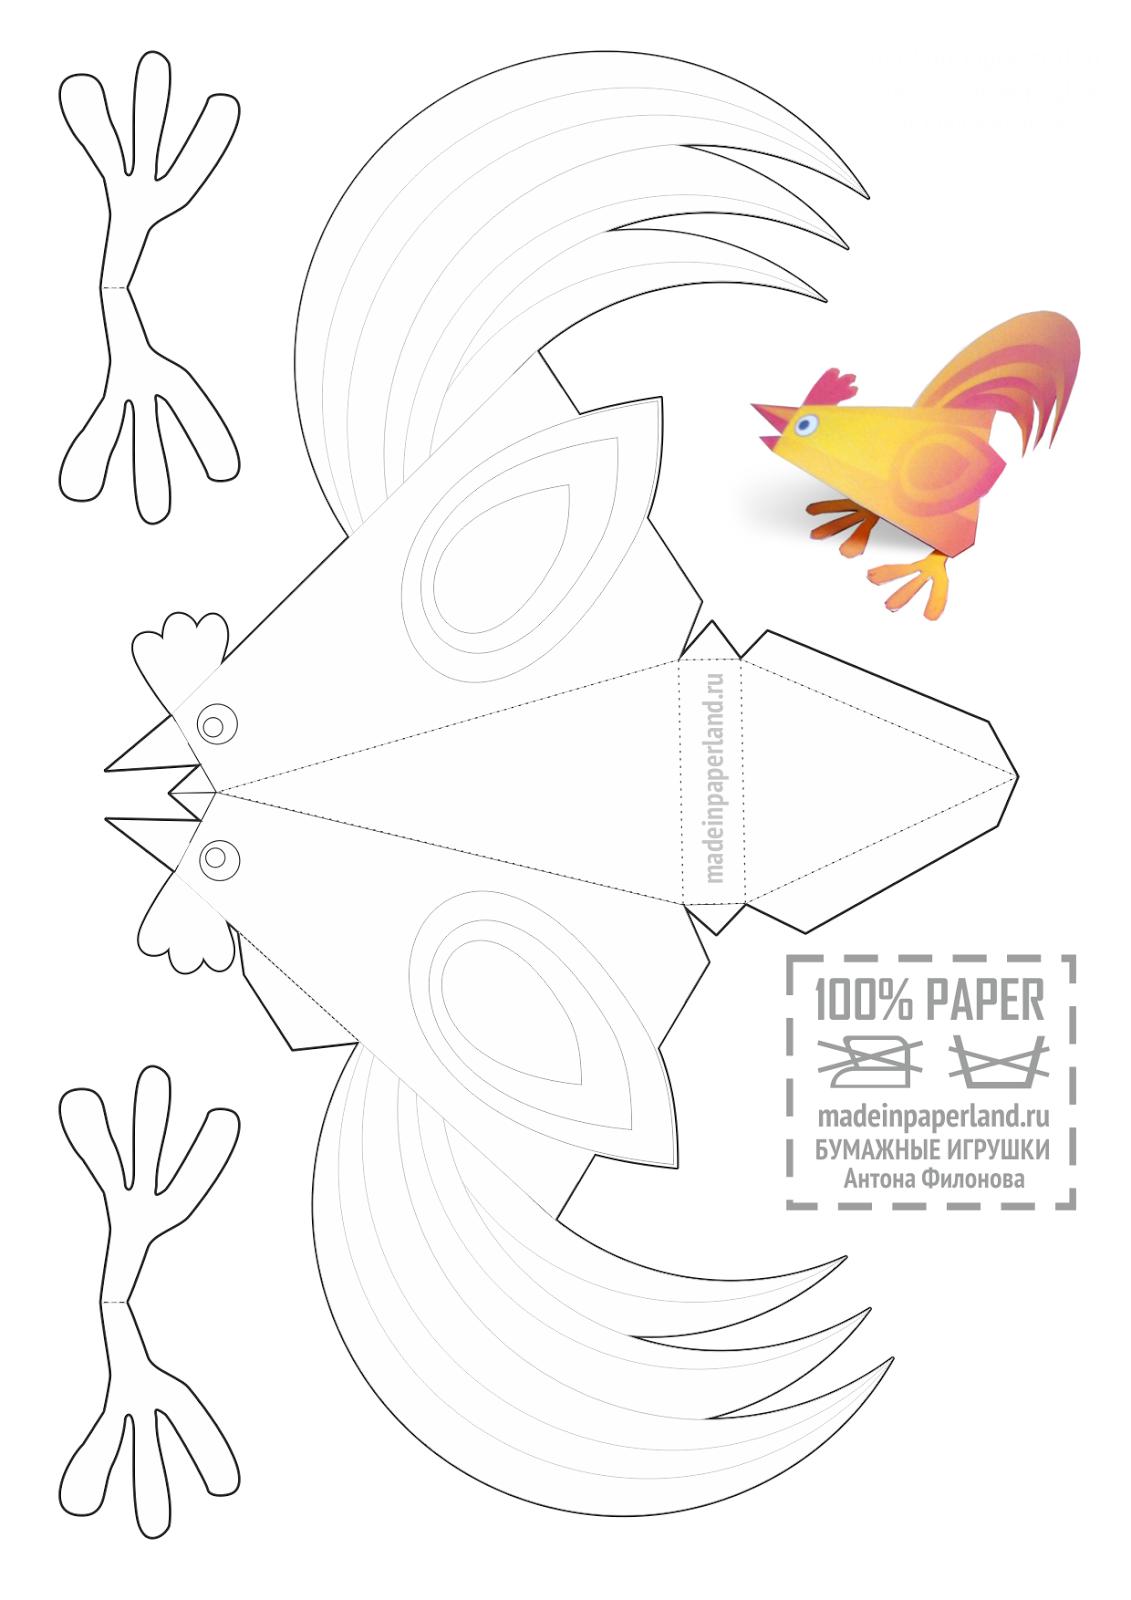 Поделка петух из бумаги своими руками шаблоны